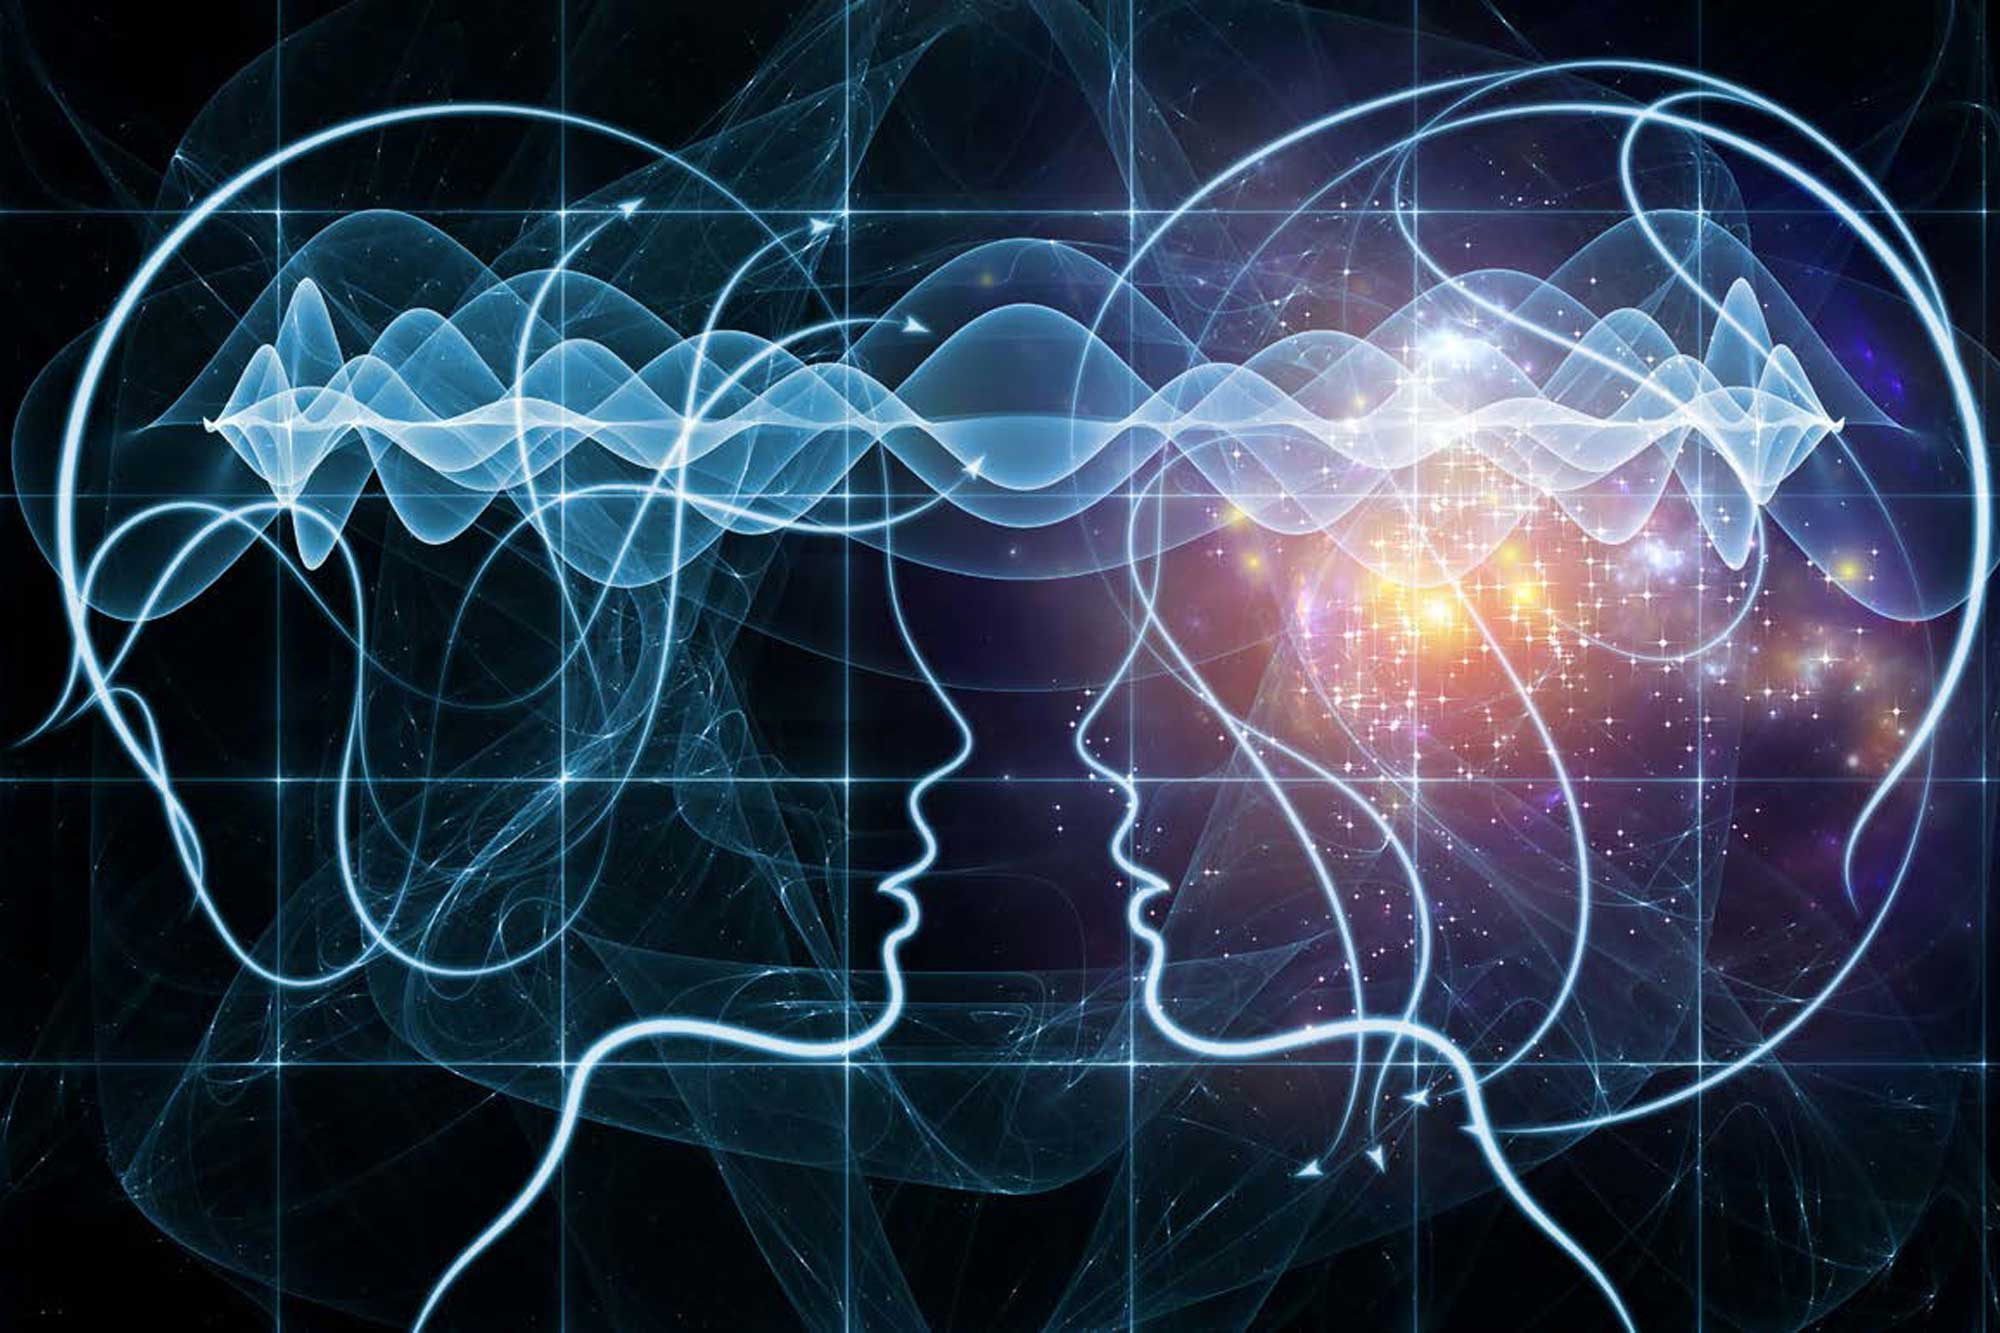 Wie und wozu entsteht ein Bewusstsein der Energie Liebe?